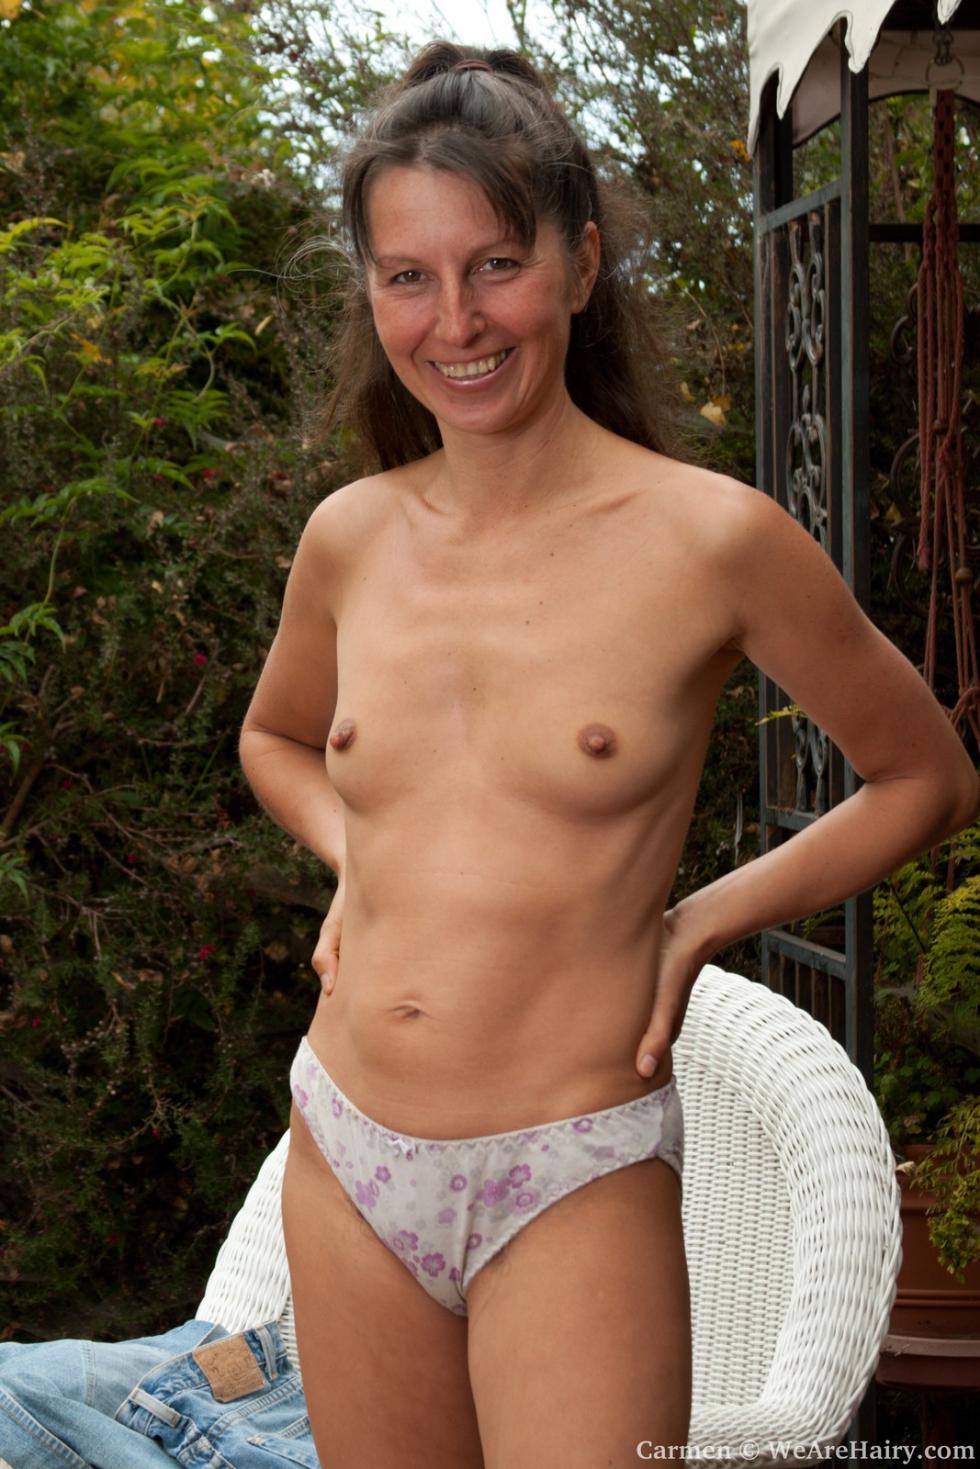 Жен плоскогрудые зрелые женщины фото ролики